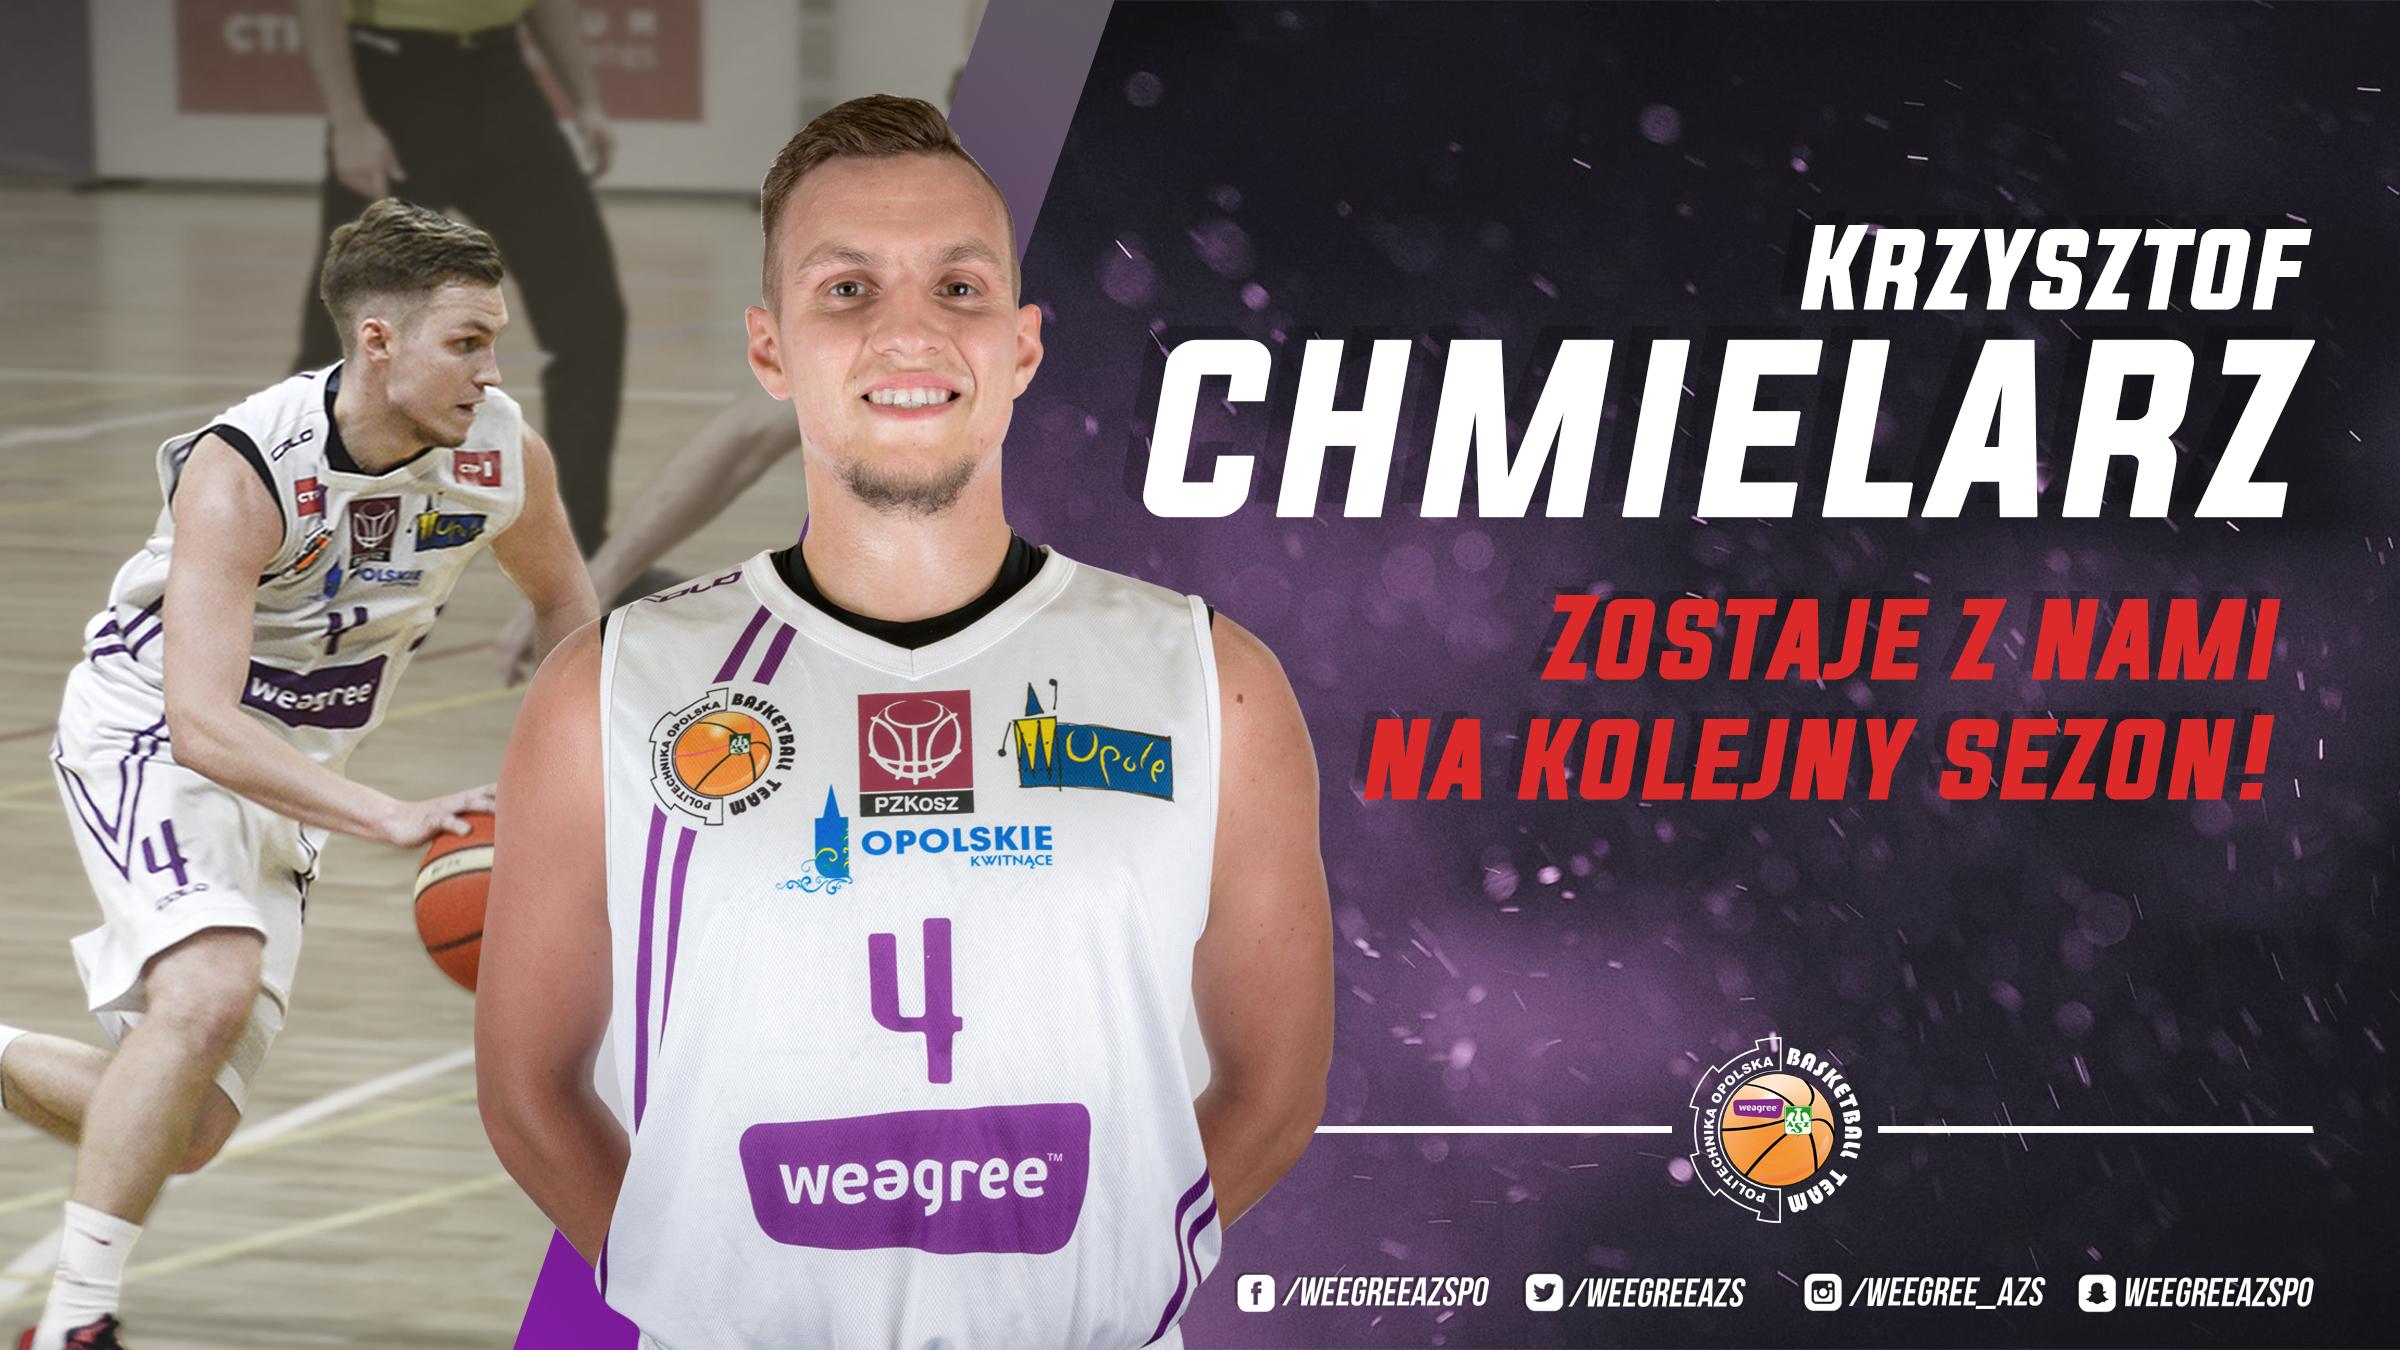 Krzysztof Chmielarz na kolejny sezon w Opolu!